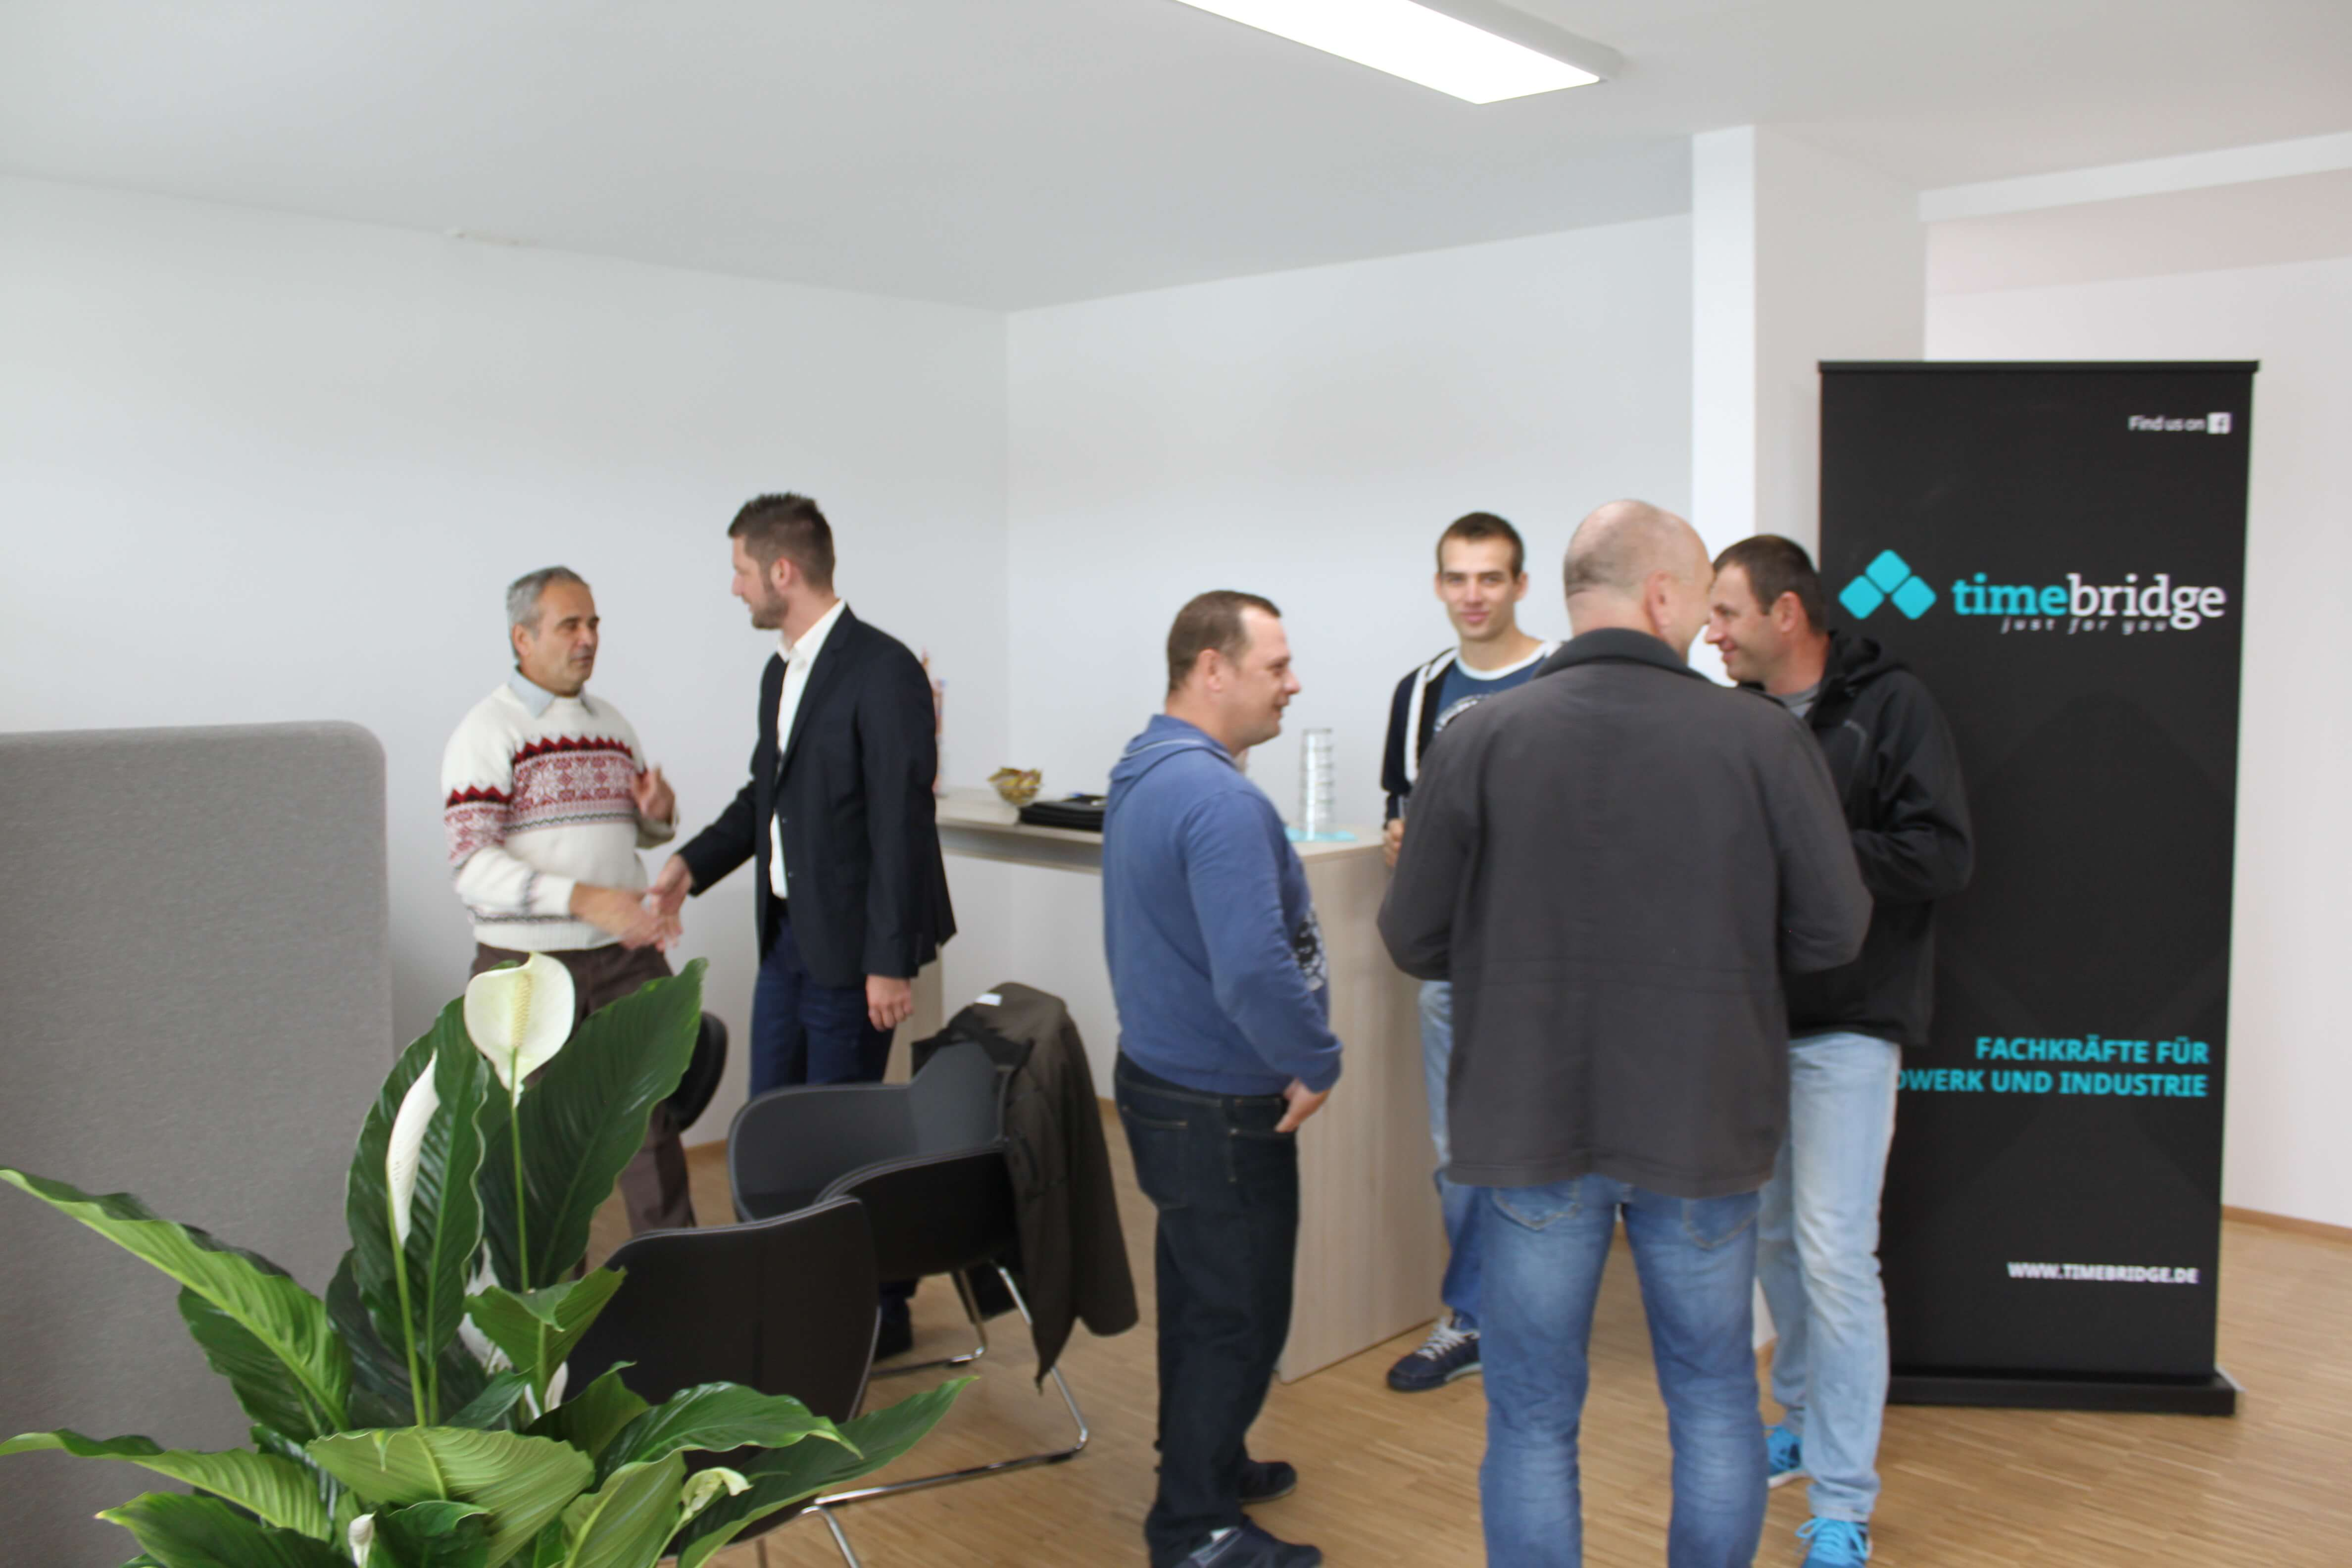 Eröffnung des neuen Büros der Timebridge Zeitarbeitsfirma in Bad Waldsee